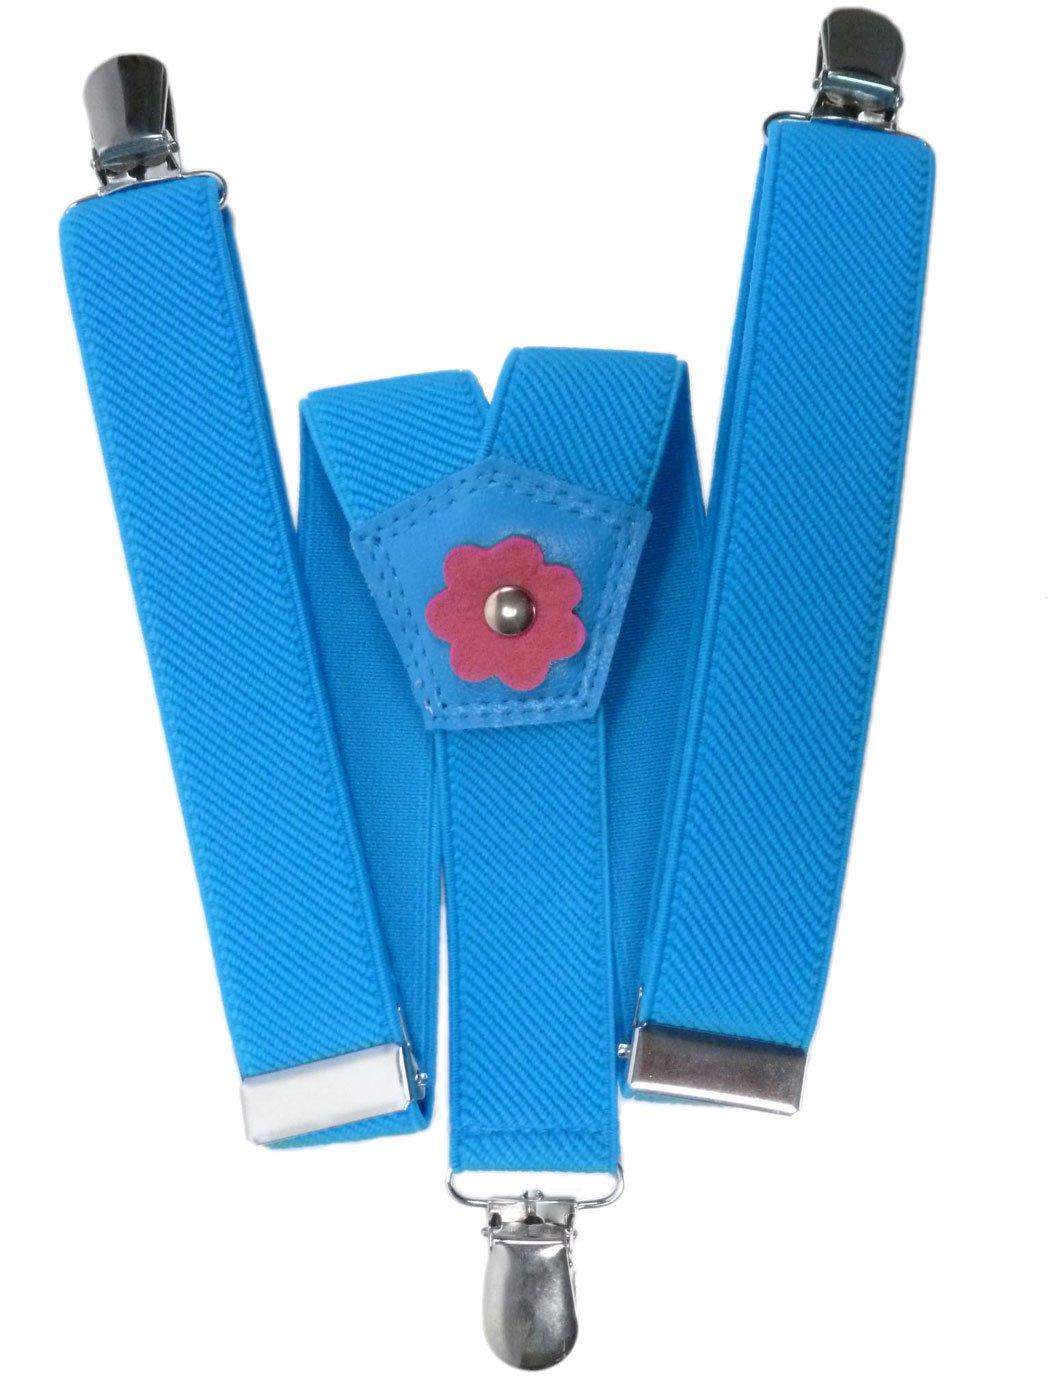 Hosenträger für Mädchen 1-5 Jahre mit 3 Clips und Blume Design KIDSBRACESHlilac